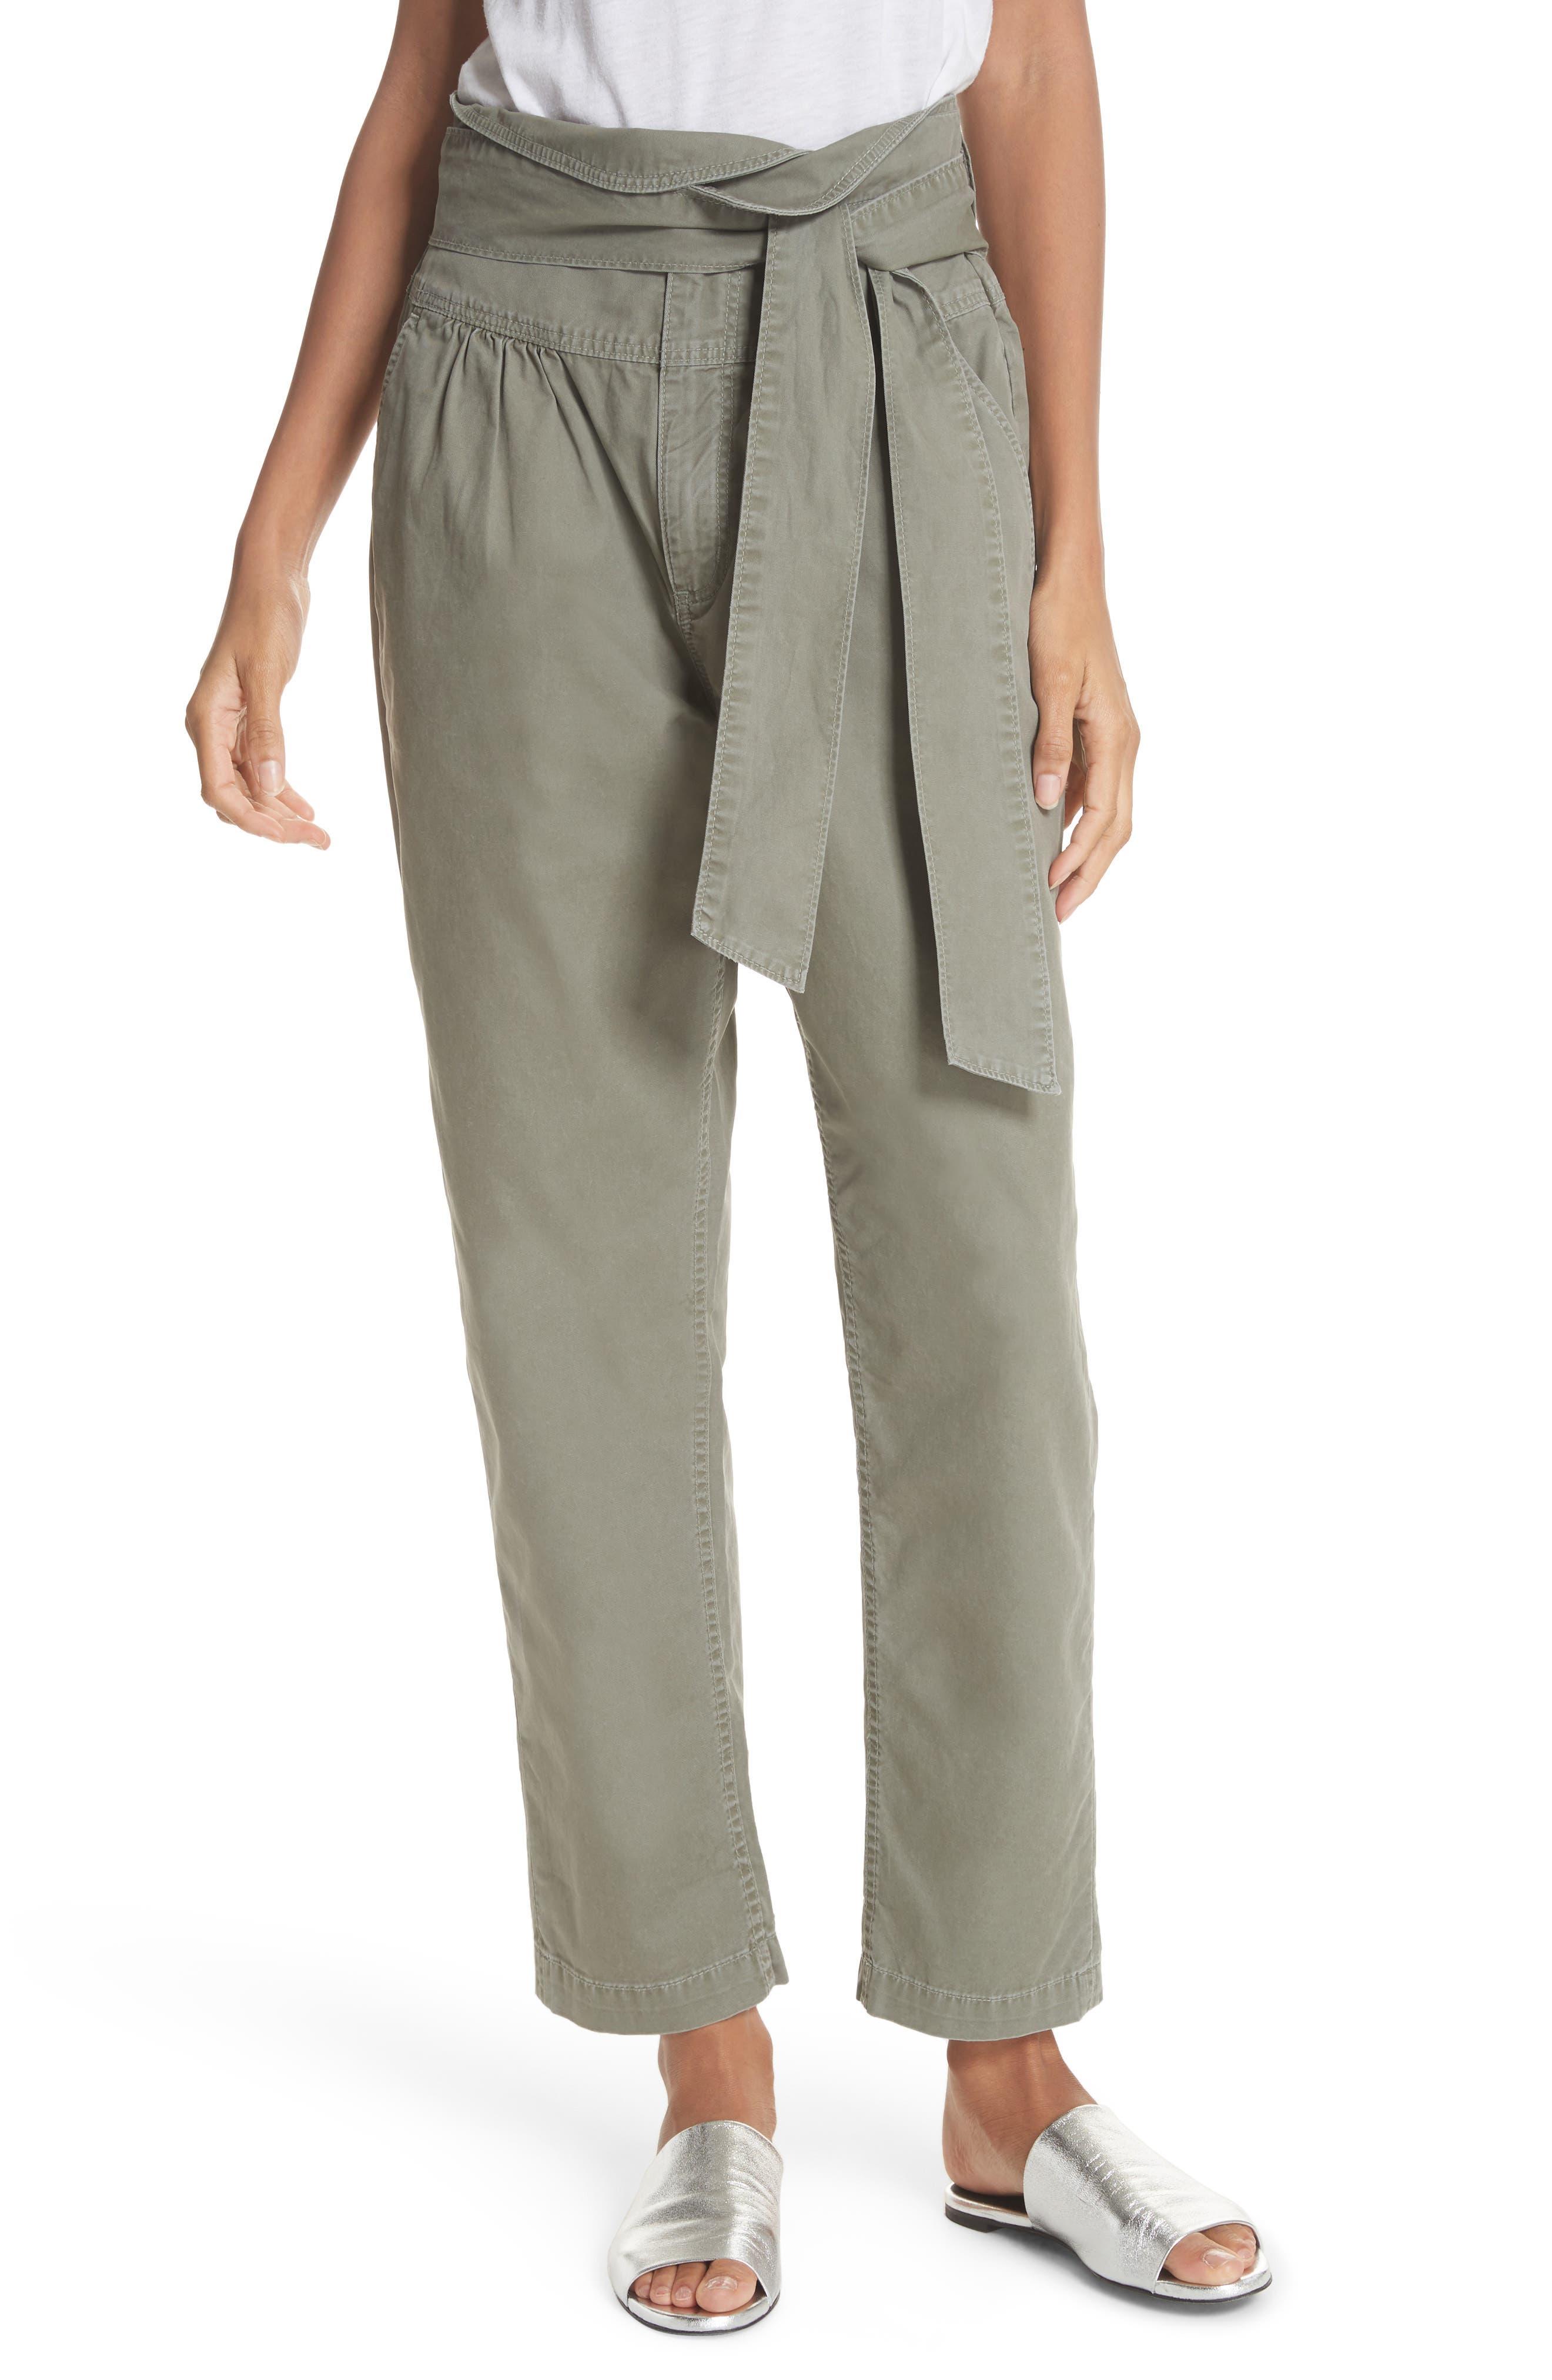 La Vie Rebecca Taylor Tie Front Paperbag Waist Pants